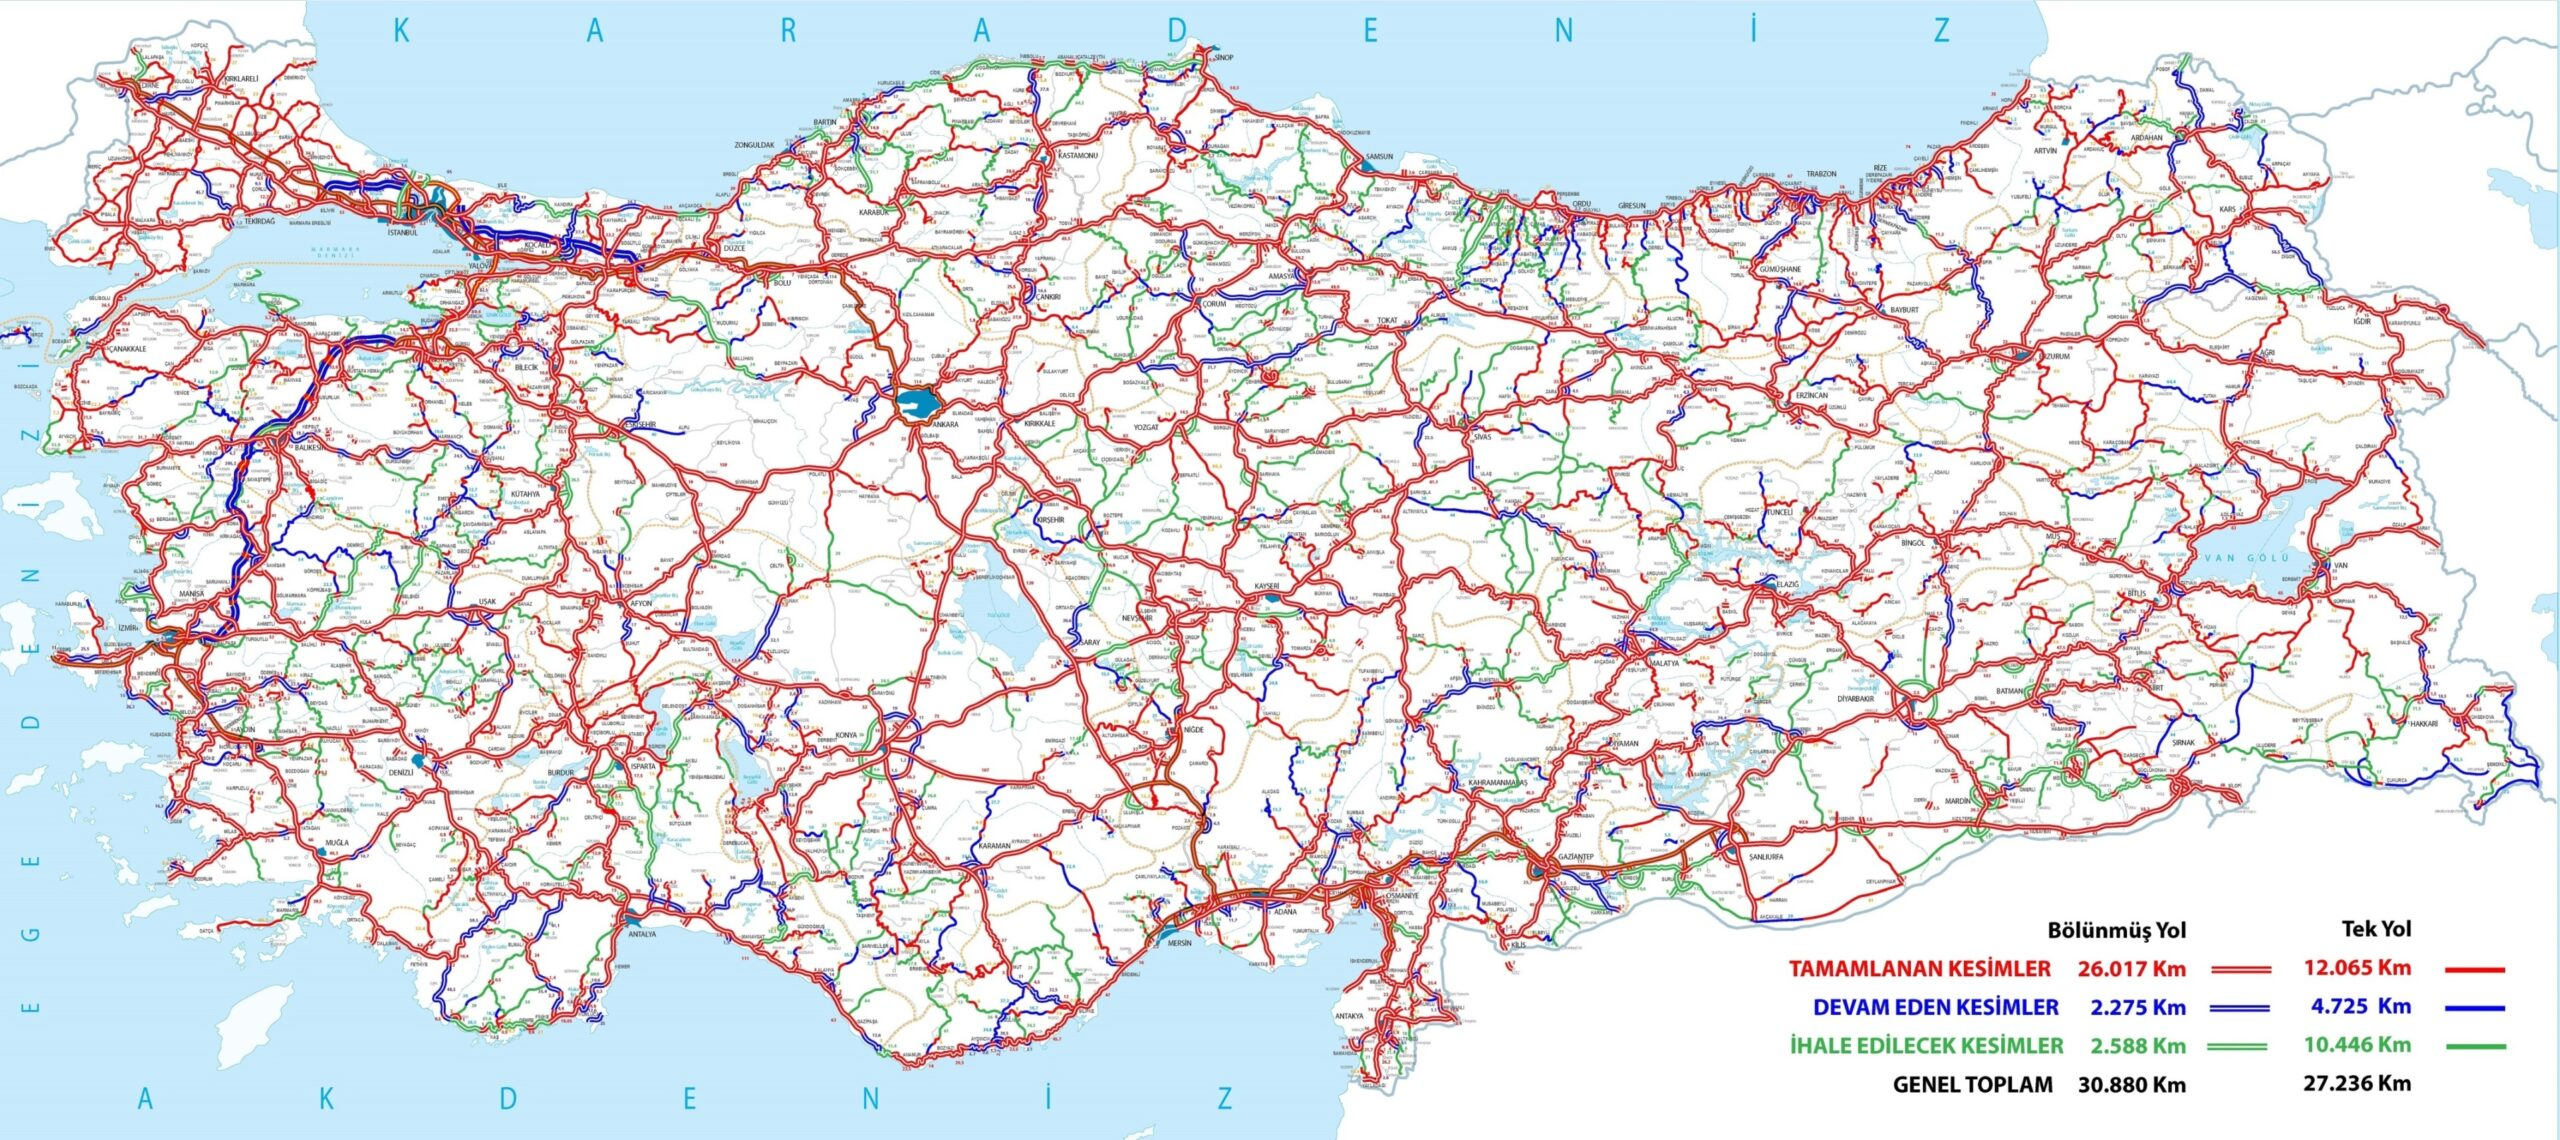 Bölünmüş yollar trafikte geçen süreyi yüzde 50 oranında kısalttı